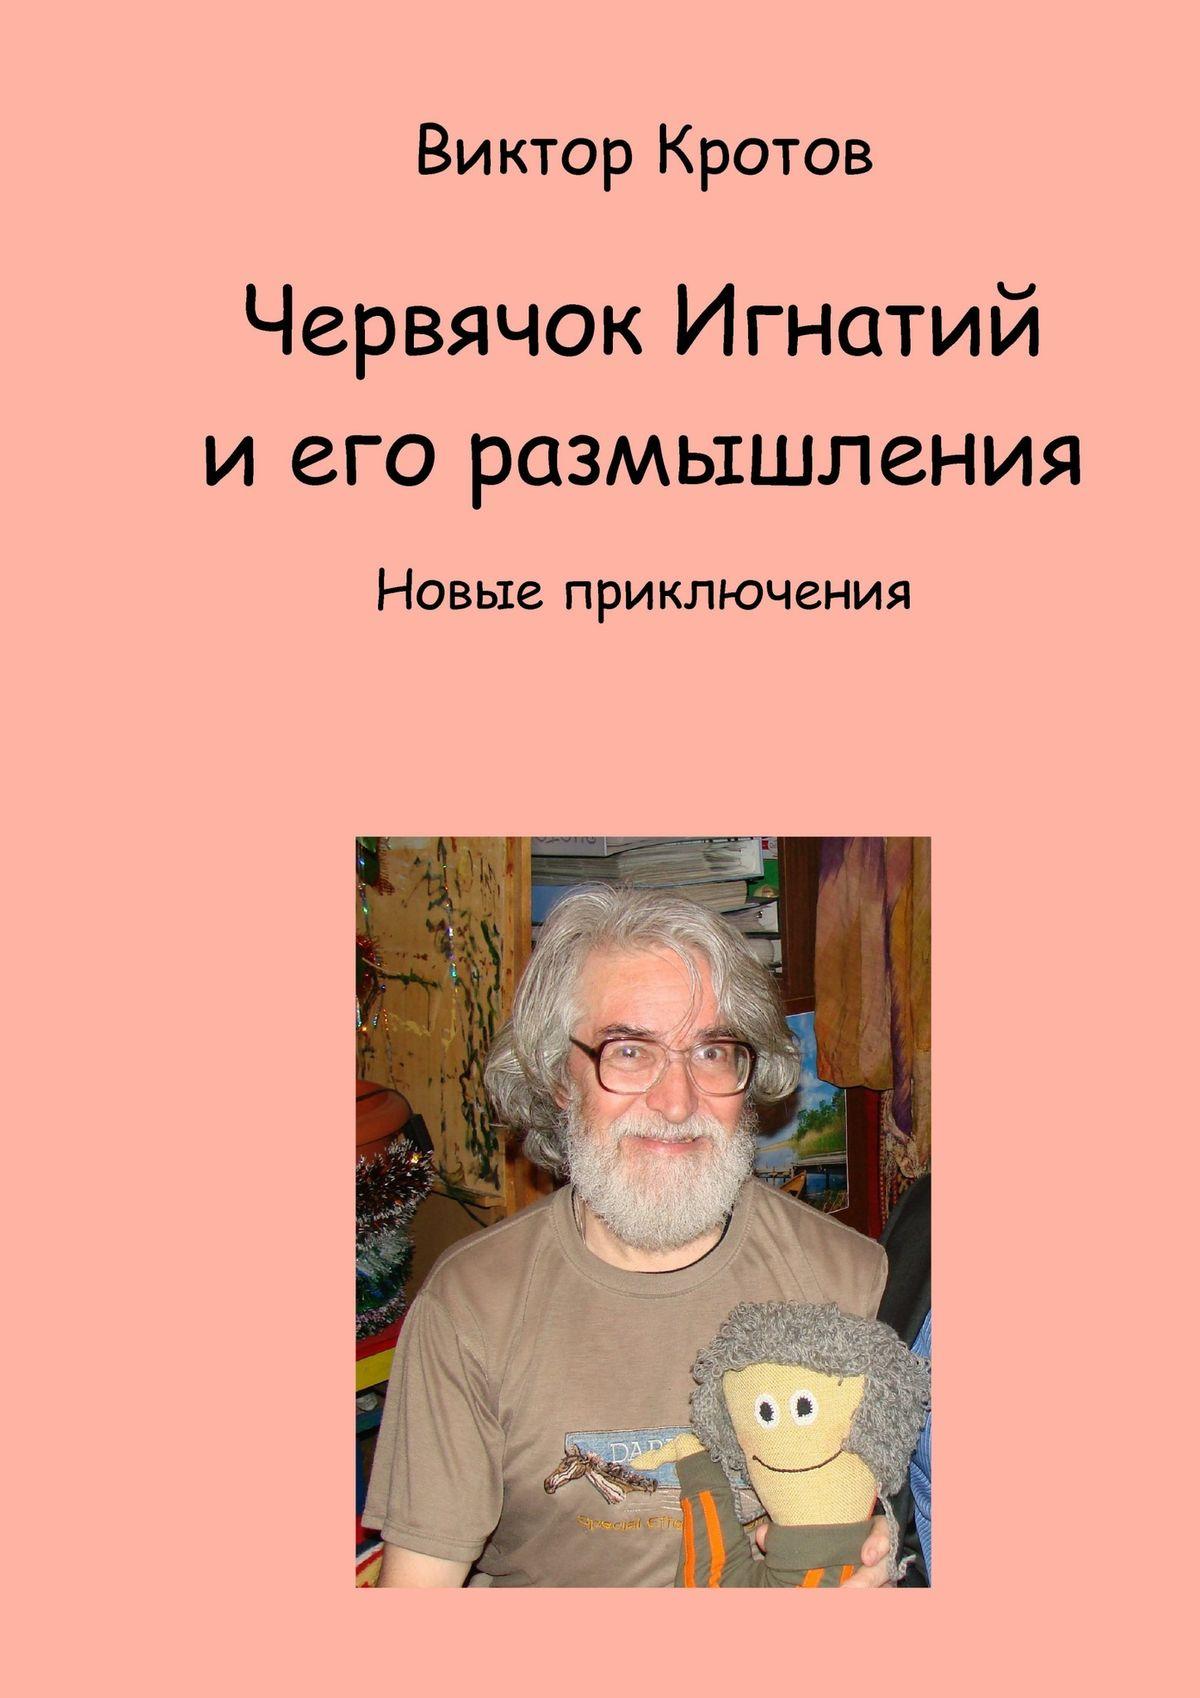 Виктор Кротов Червячок Игнатий и его размышления. Новые приключения